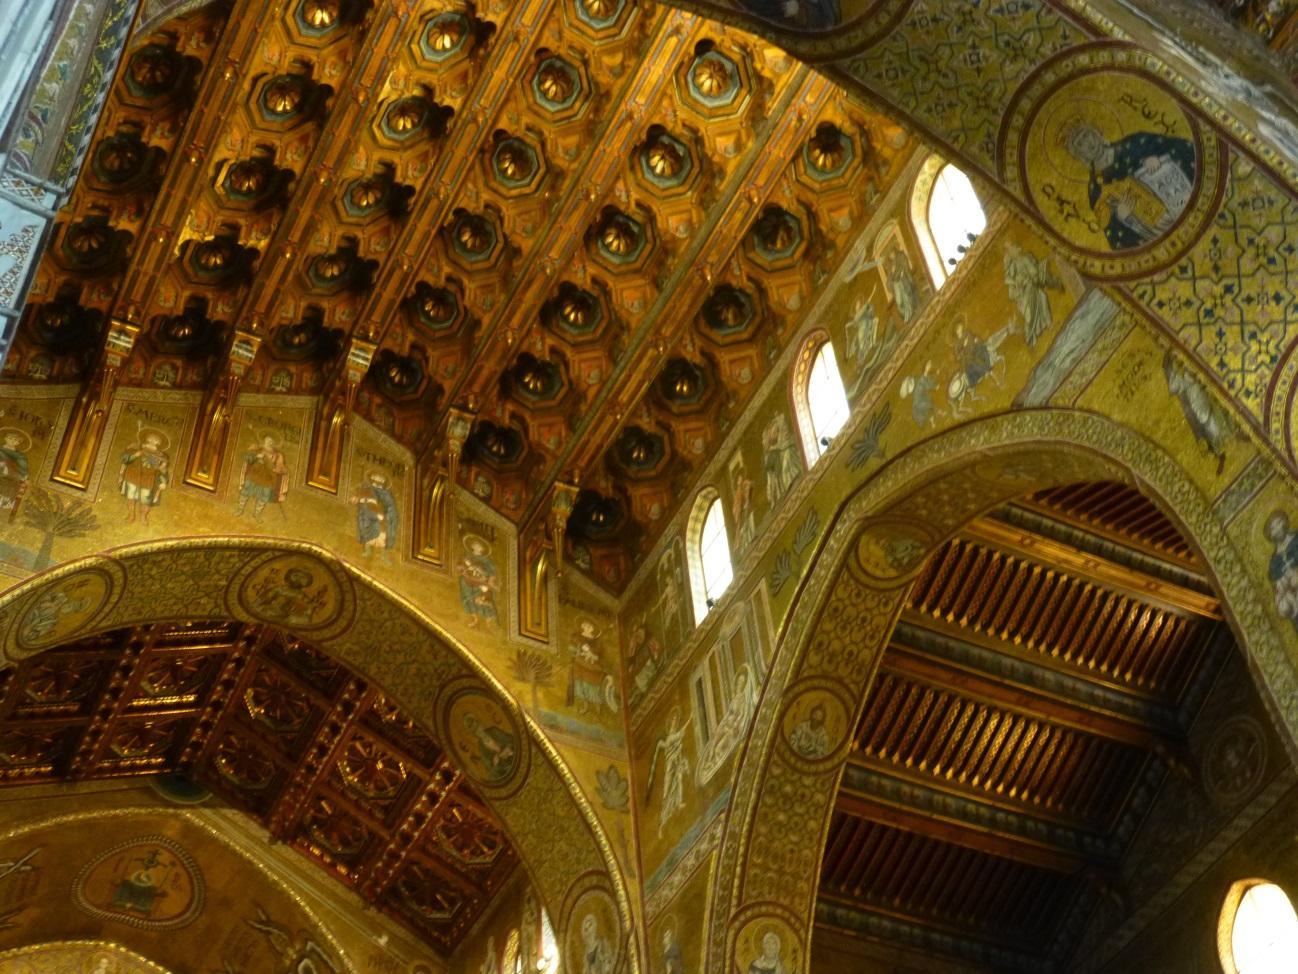 C:\Users\Gonzalo\Desktop\Documentos\Fotografías\Sicilia\102_PANA\P1020435.JPG